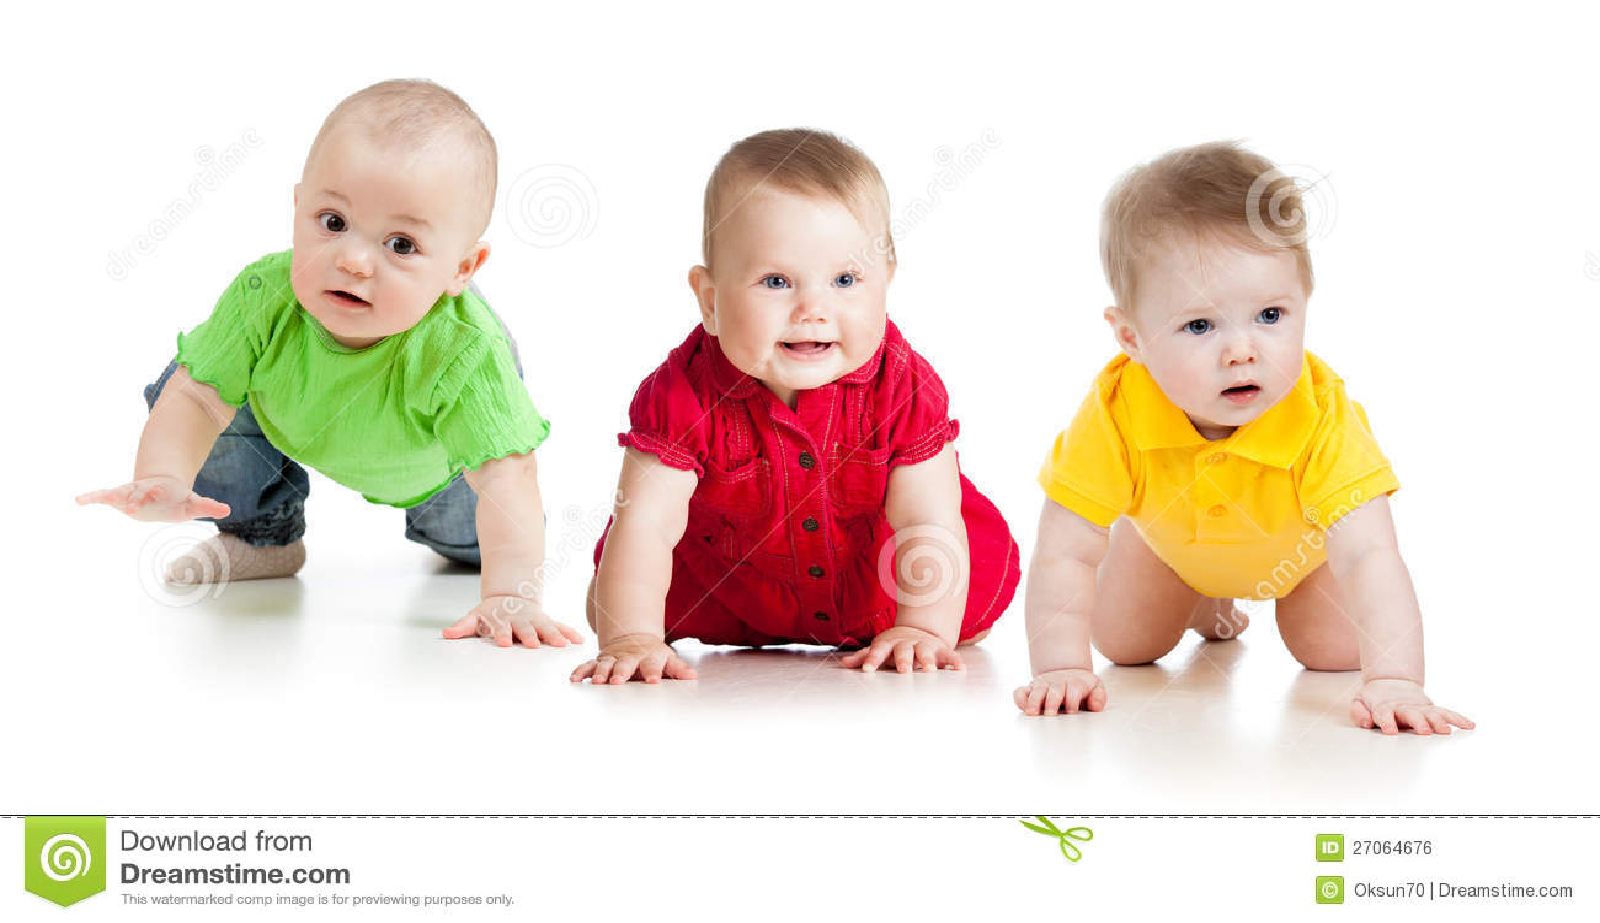 滑稽的婴孩或小孩在所有fours去下来